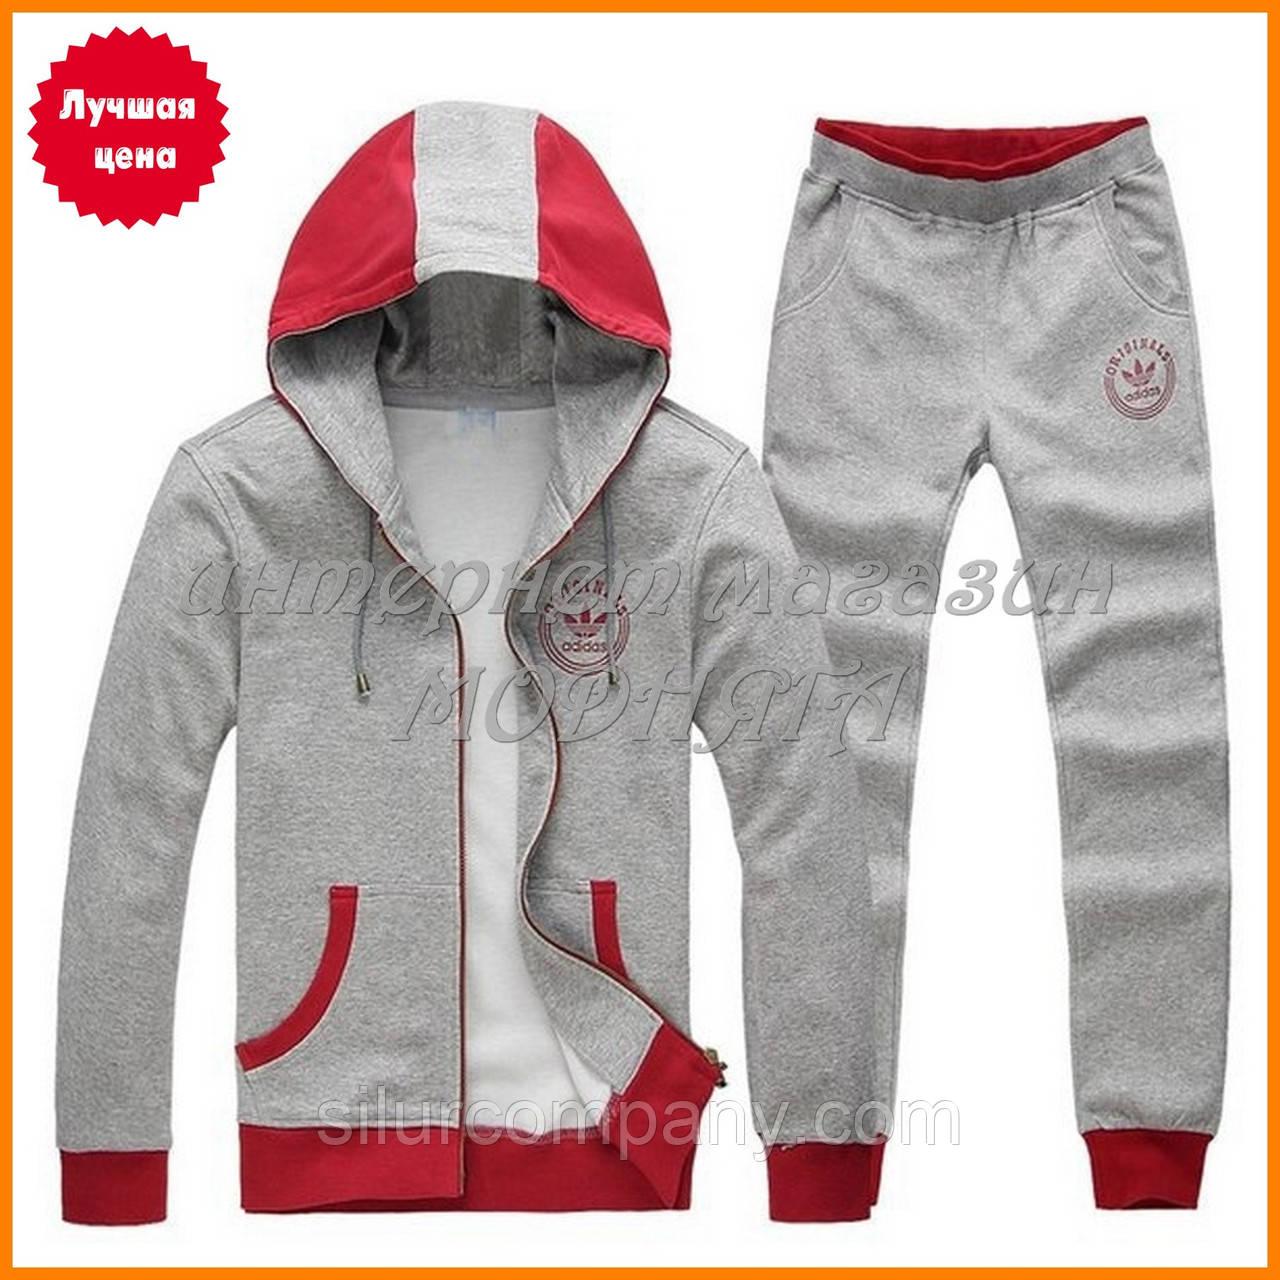 d206aeb49095 Спортивные костюмы подростковые  недорого интернет-магазин, фото 1 -5%  Скидка